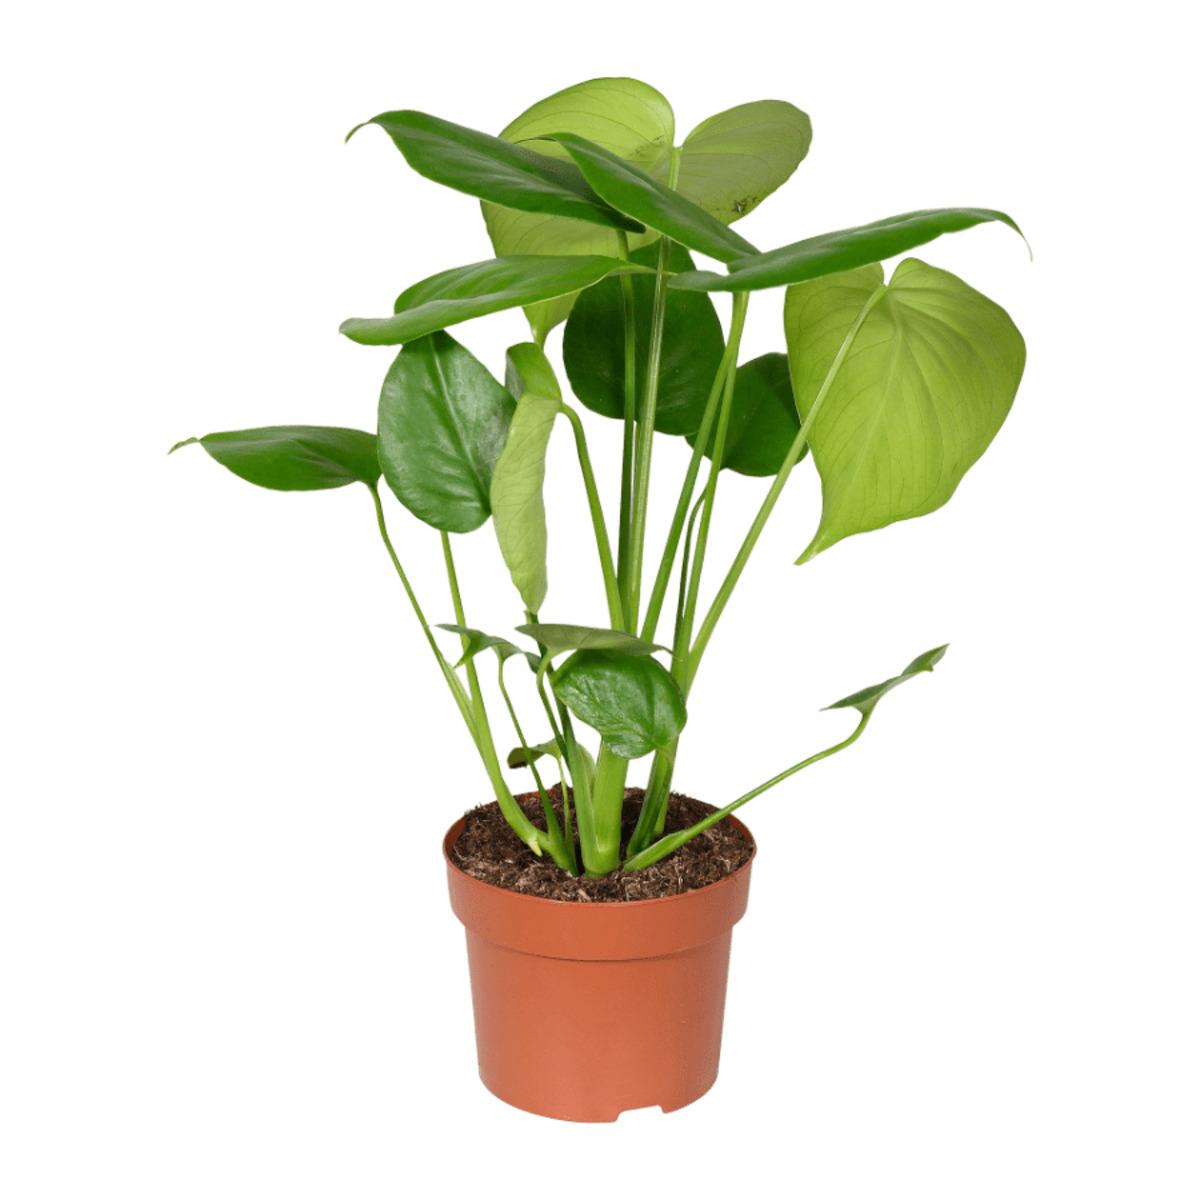 Bild 3 von GARDENLINE   Premium-Grünpflanze